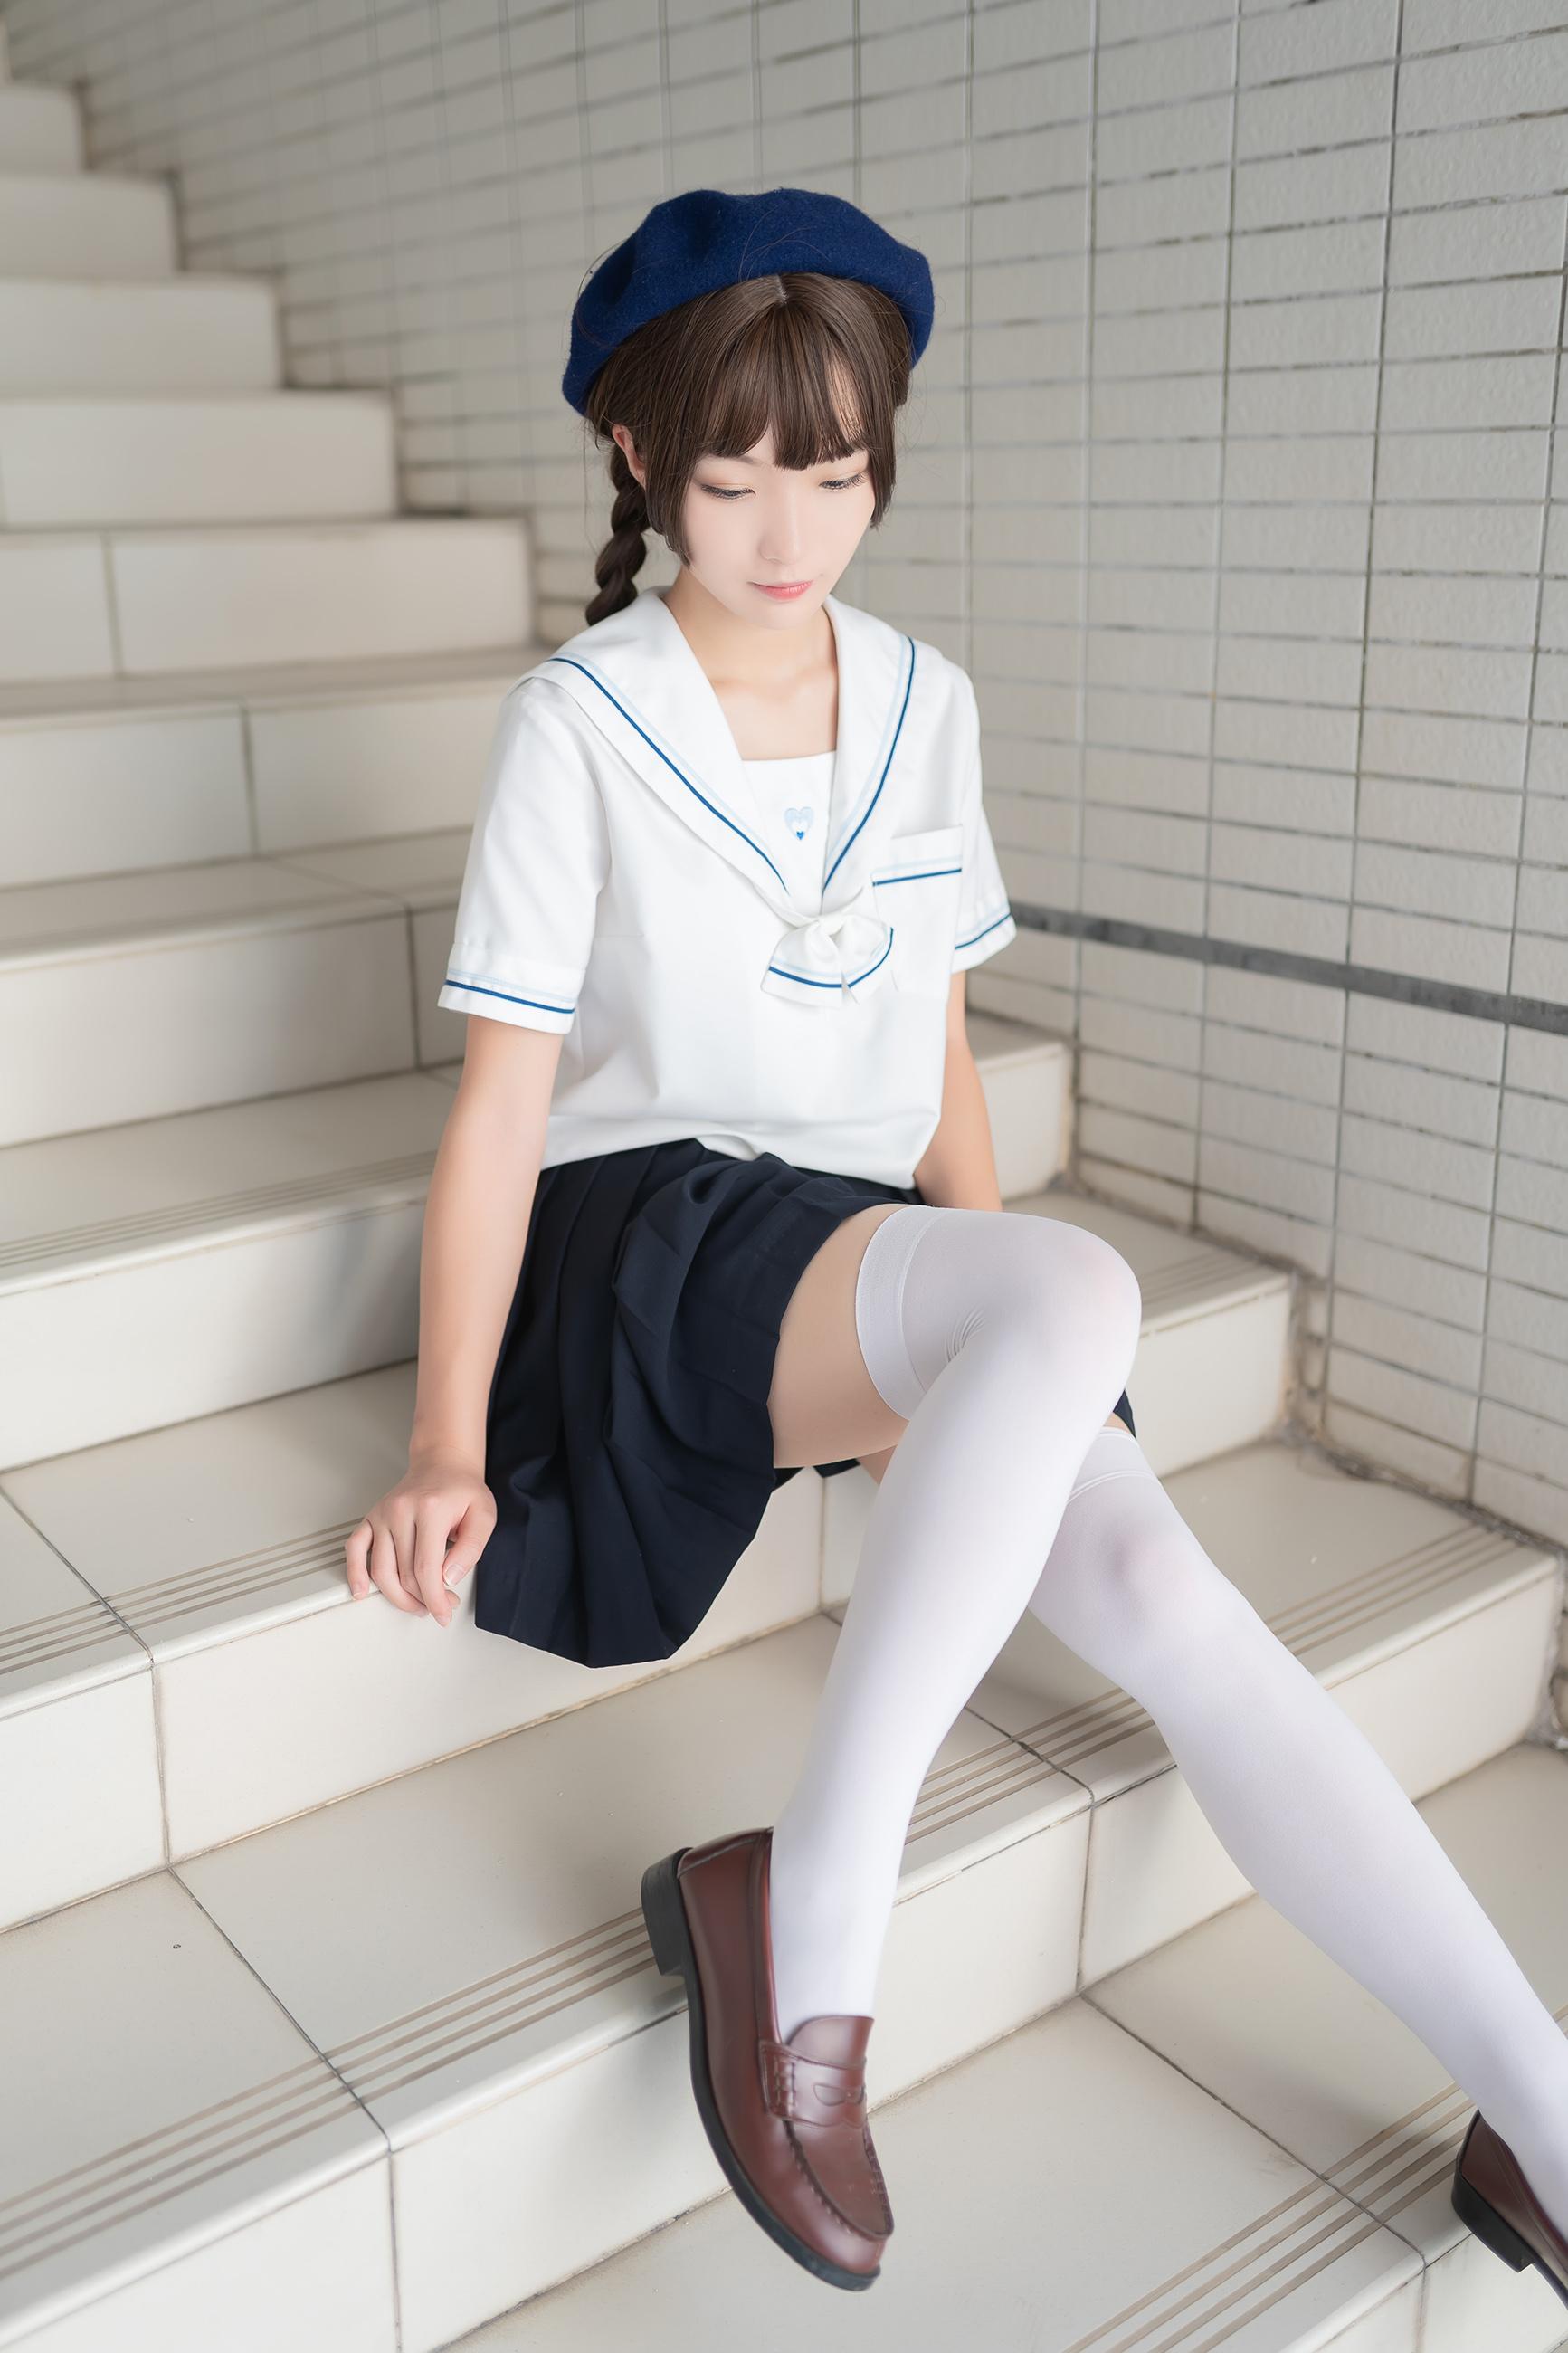 楼梯上的白色丝袜少女[33P]